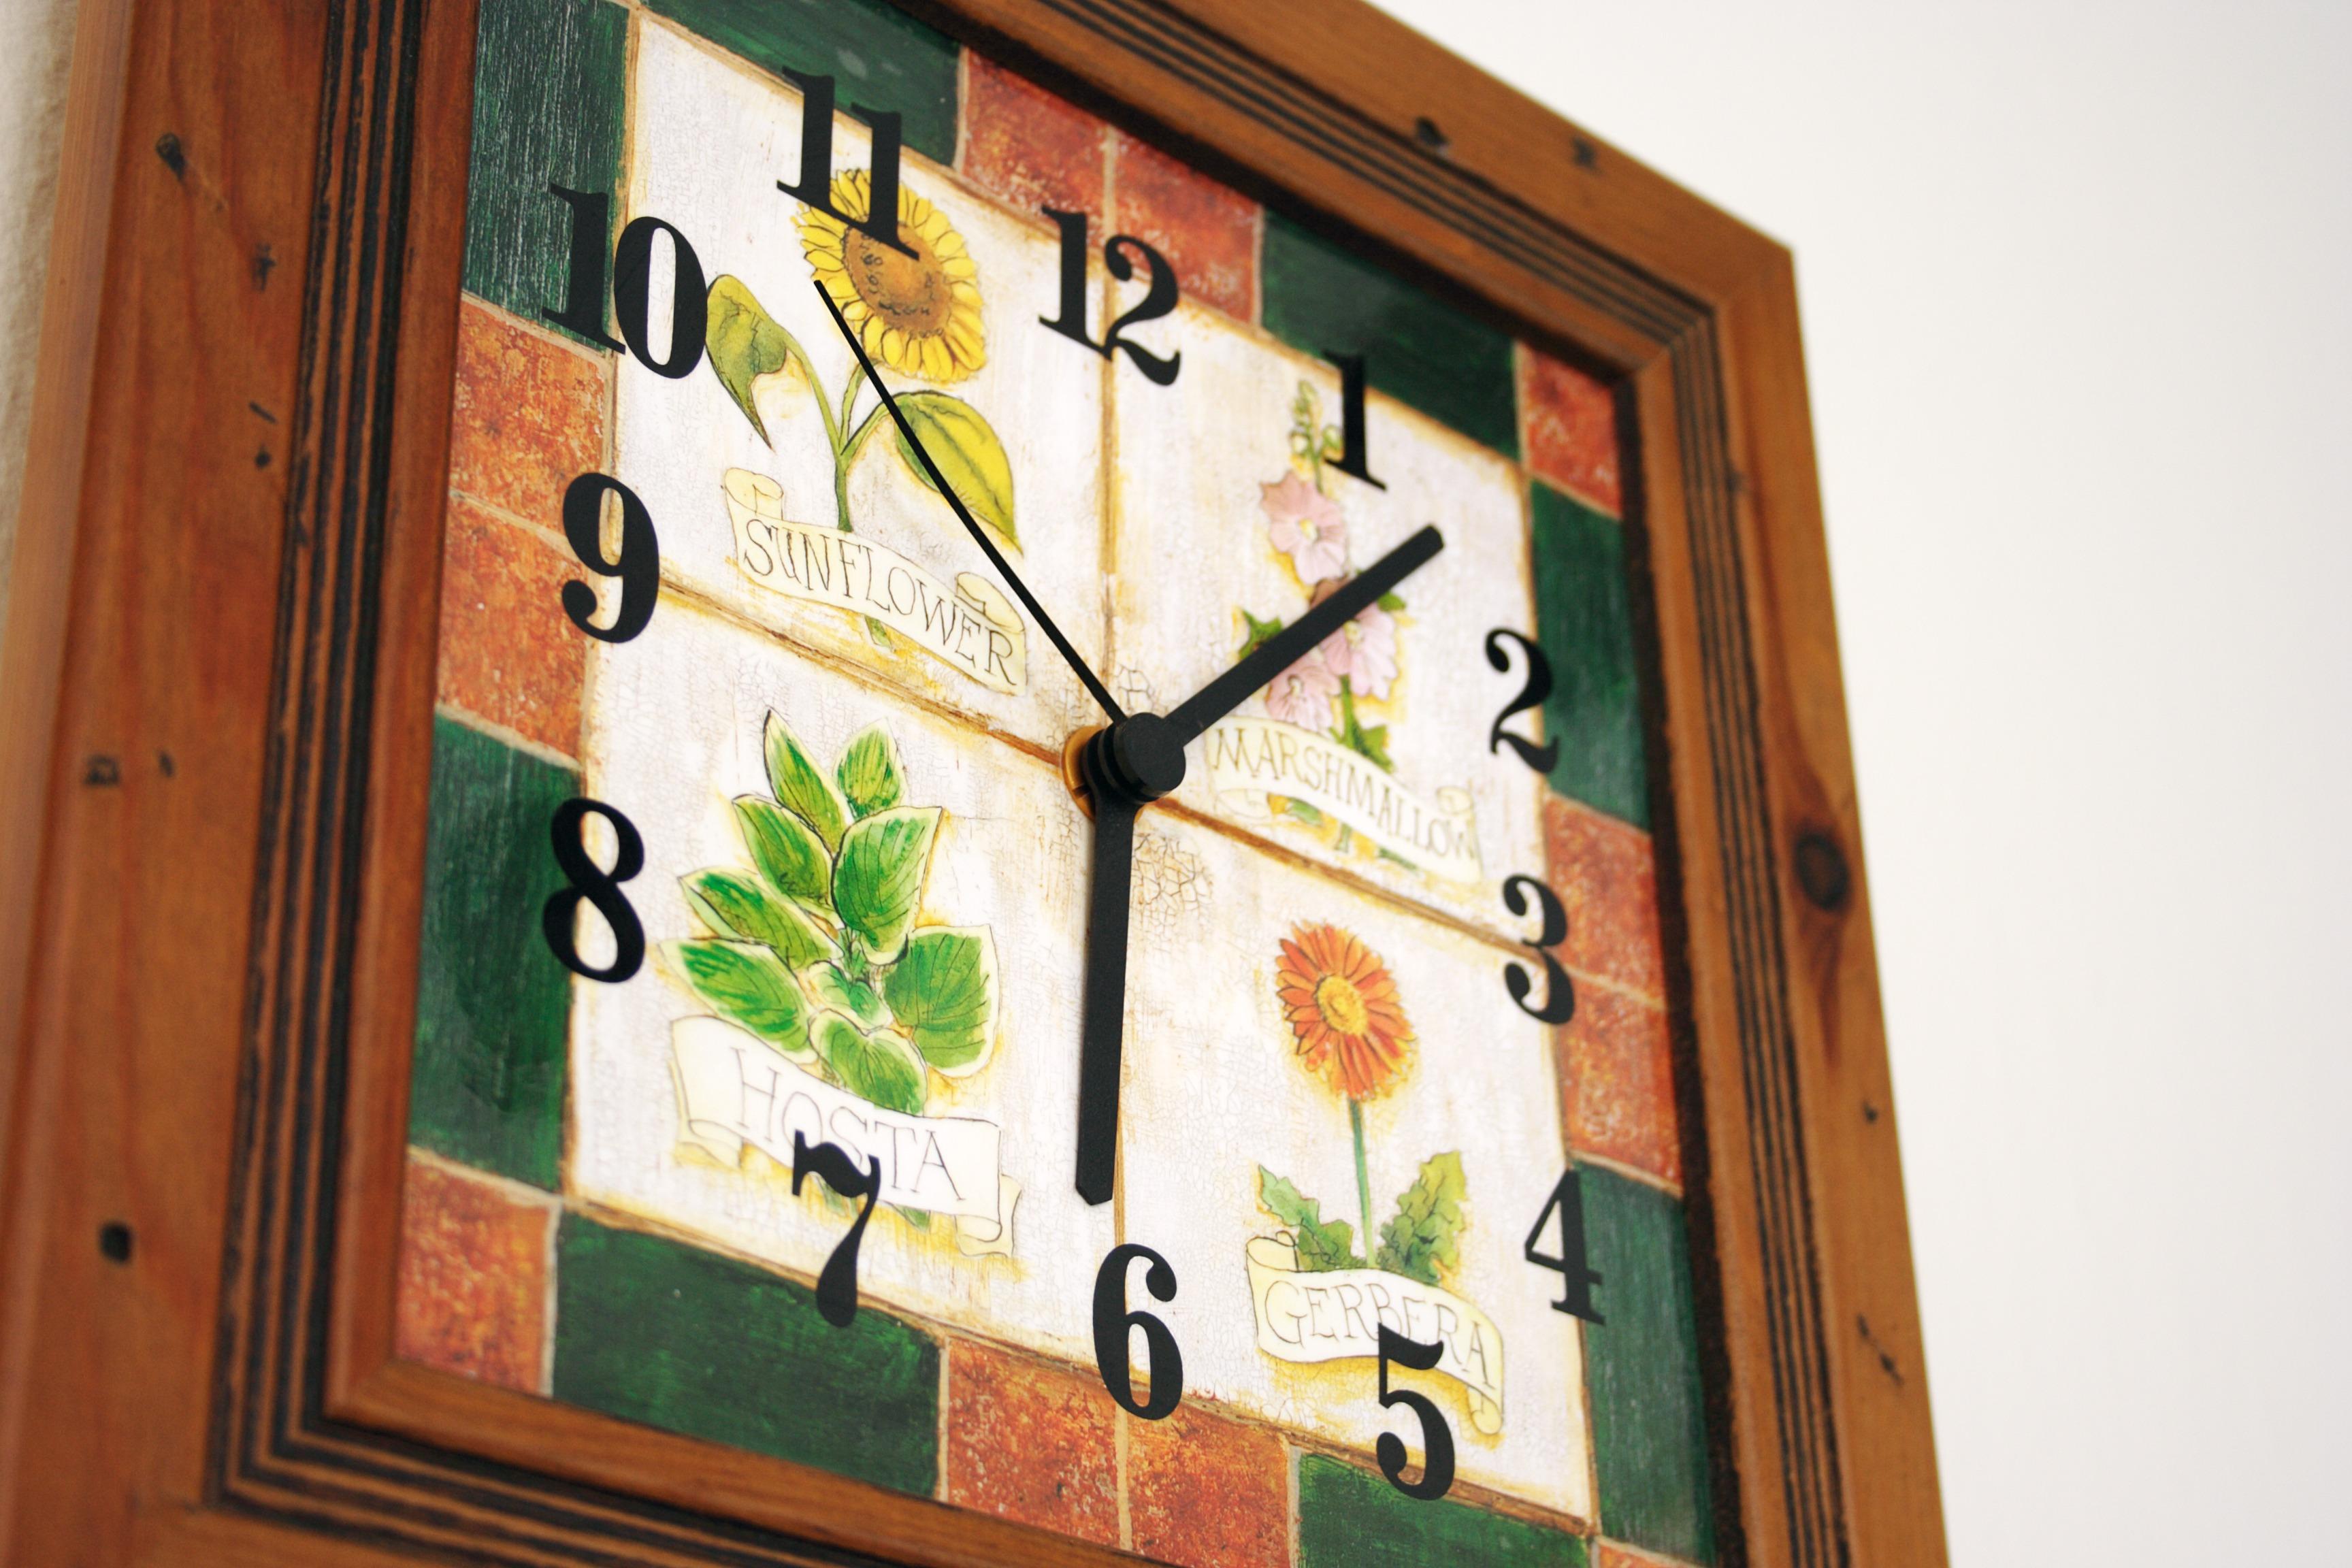 Fotos gratis : reloj, madera, Retro, ventana, hora, número, antiguo ...